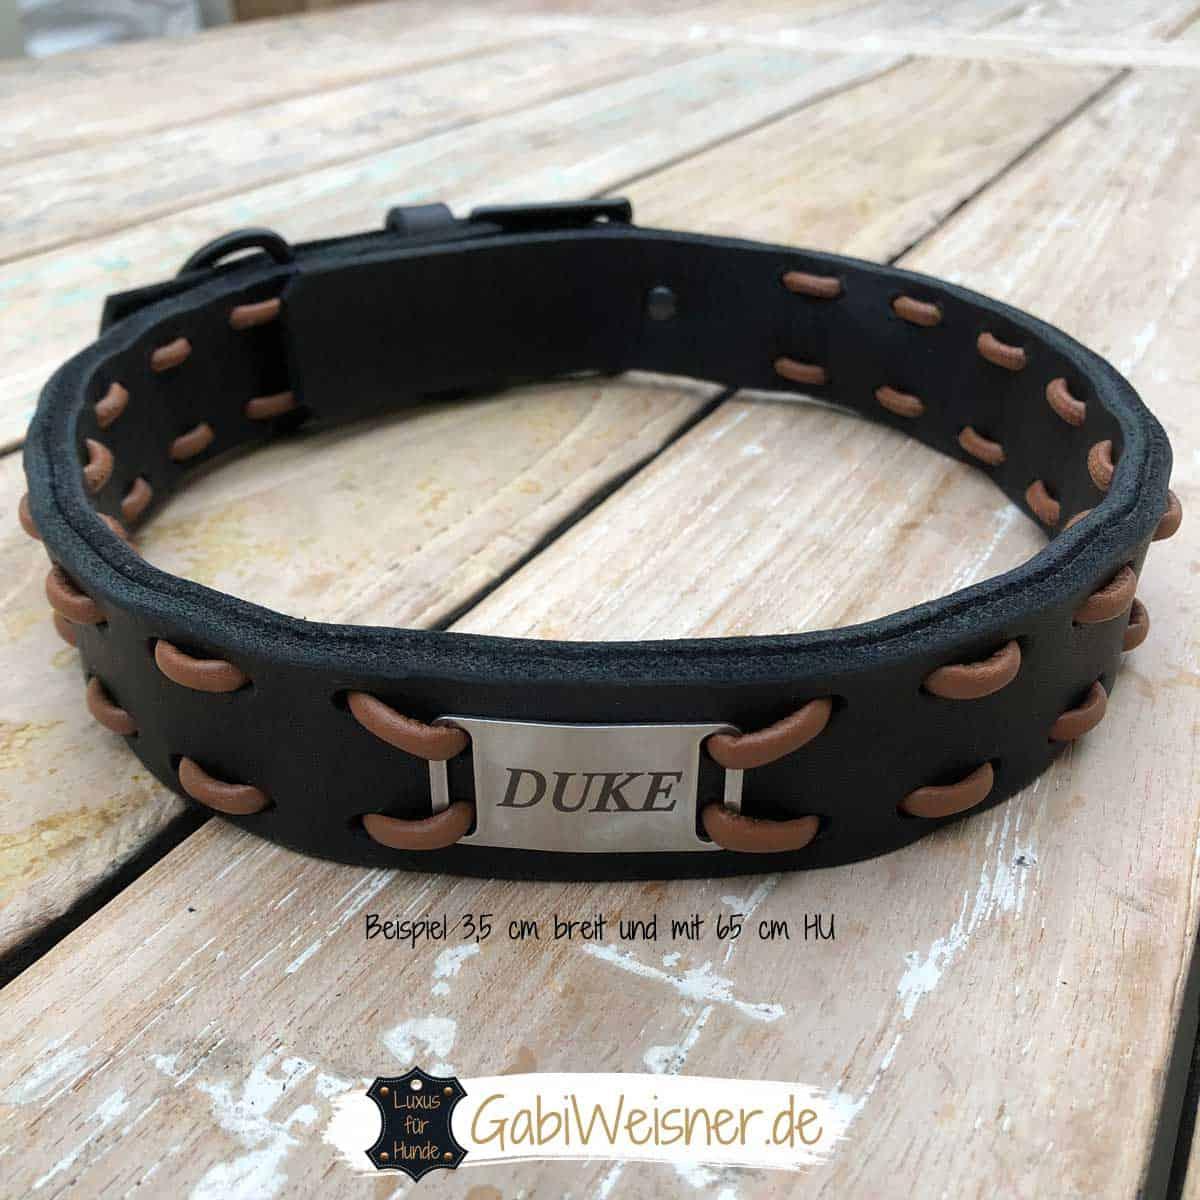 Halsband mit Namen für große Hunde. Luxus aus Vollleder